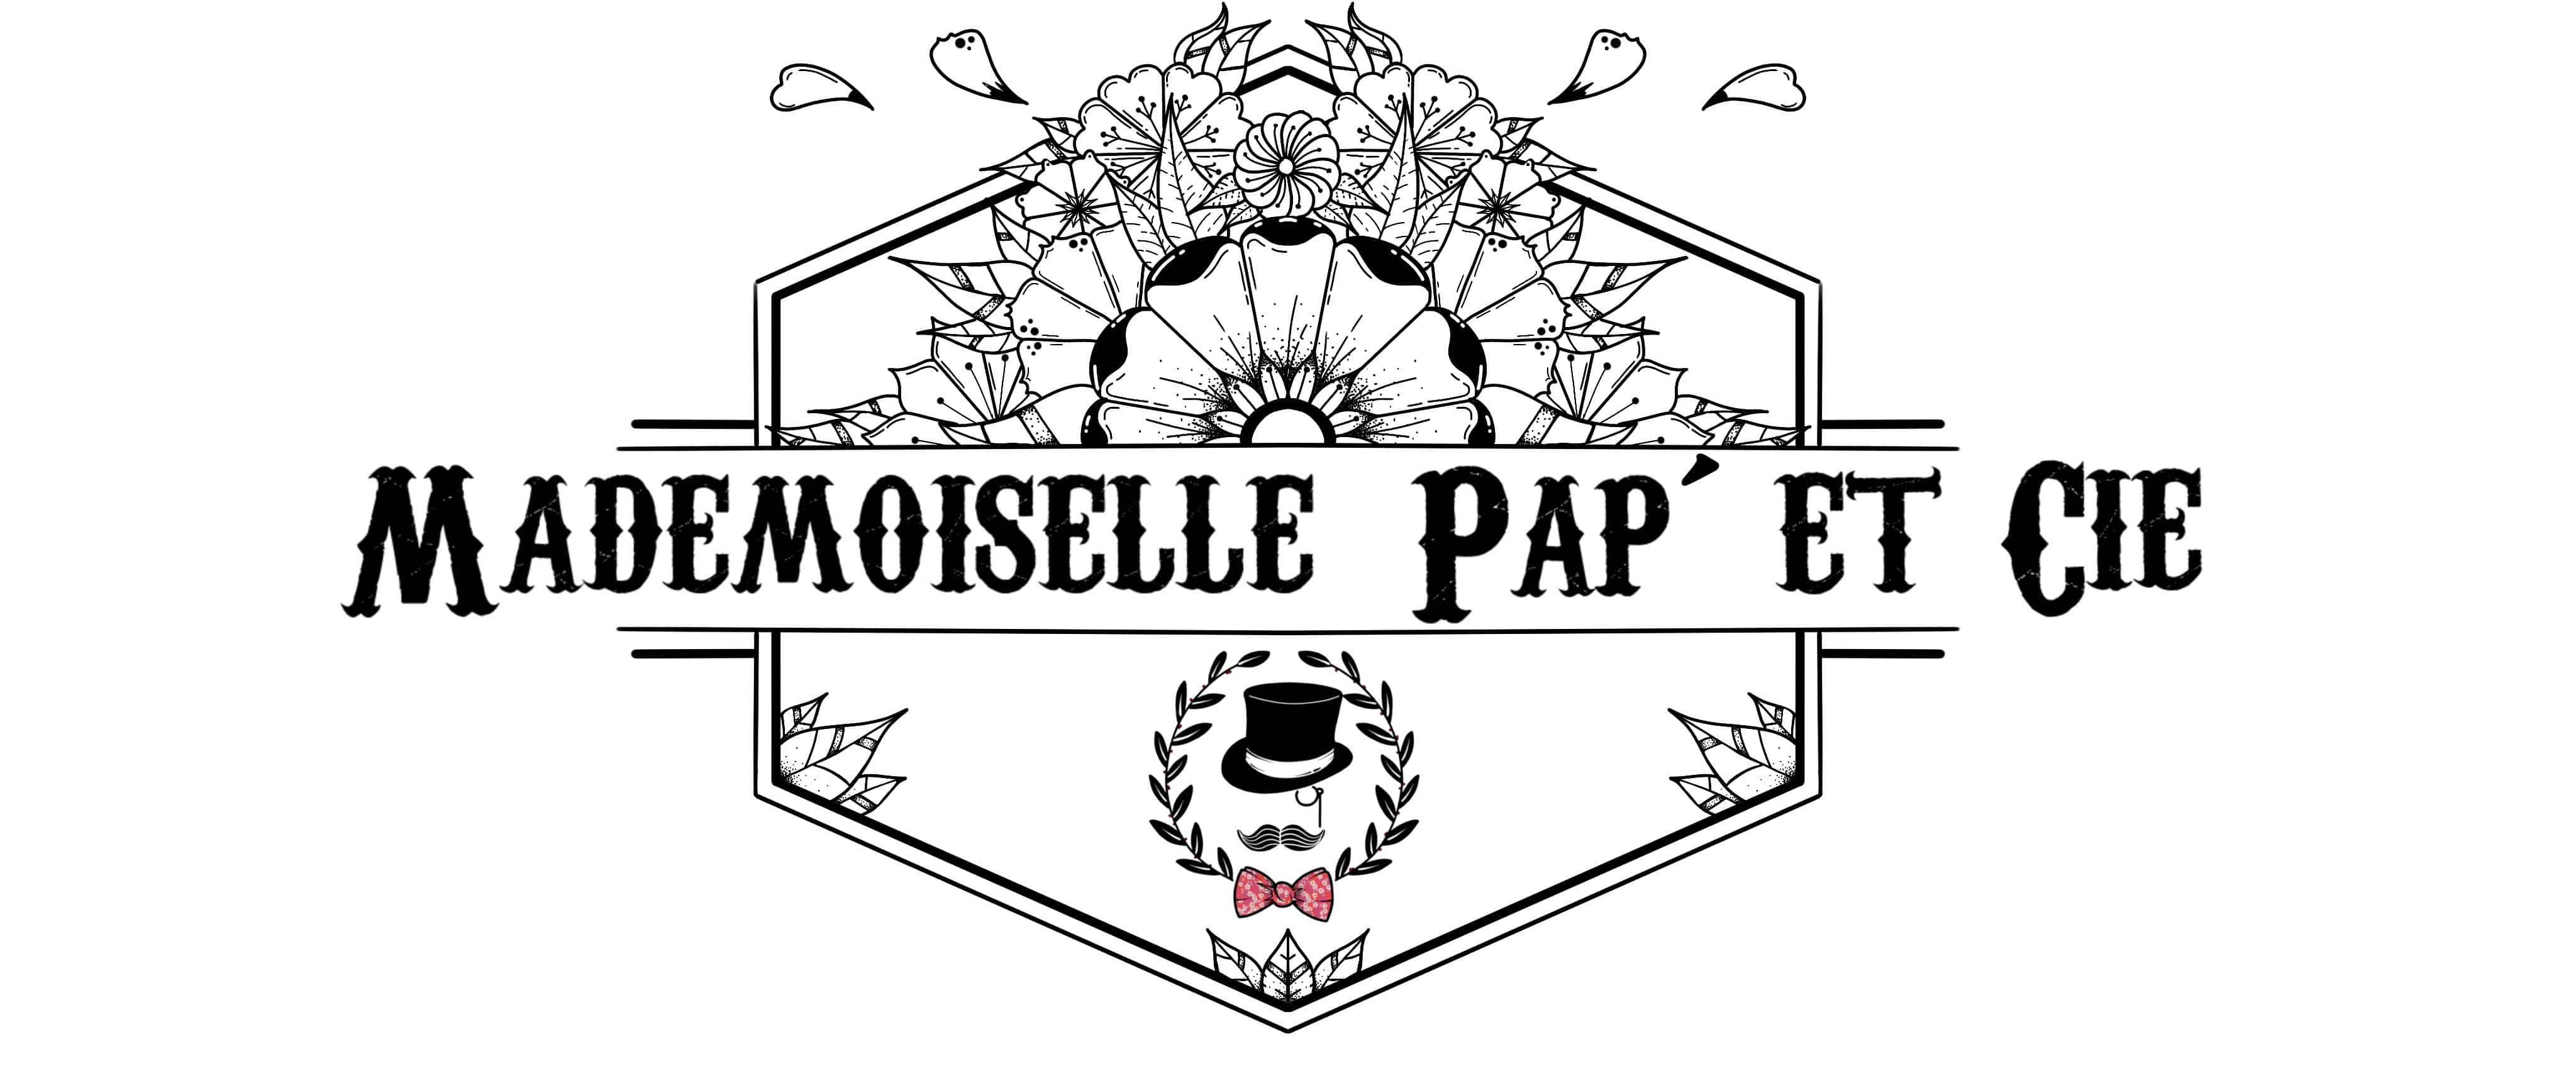 Mademoiselle Pap et Cie